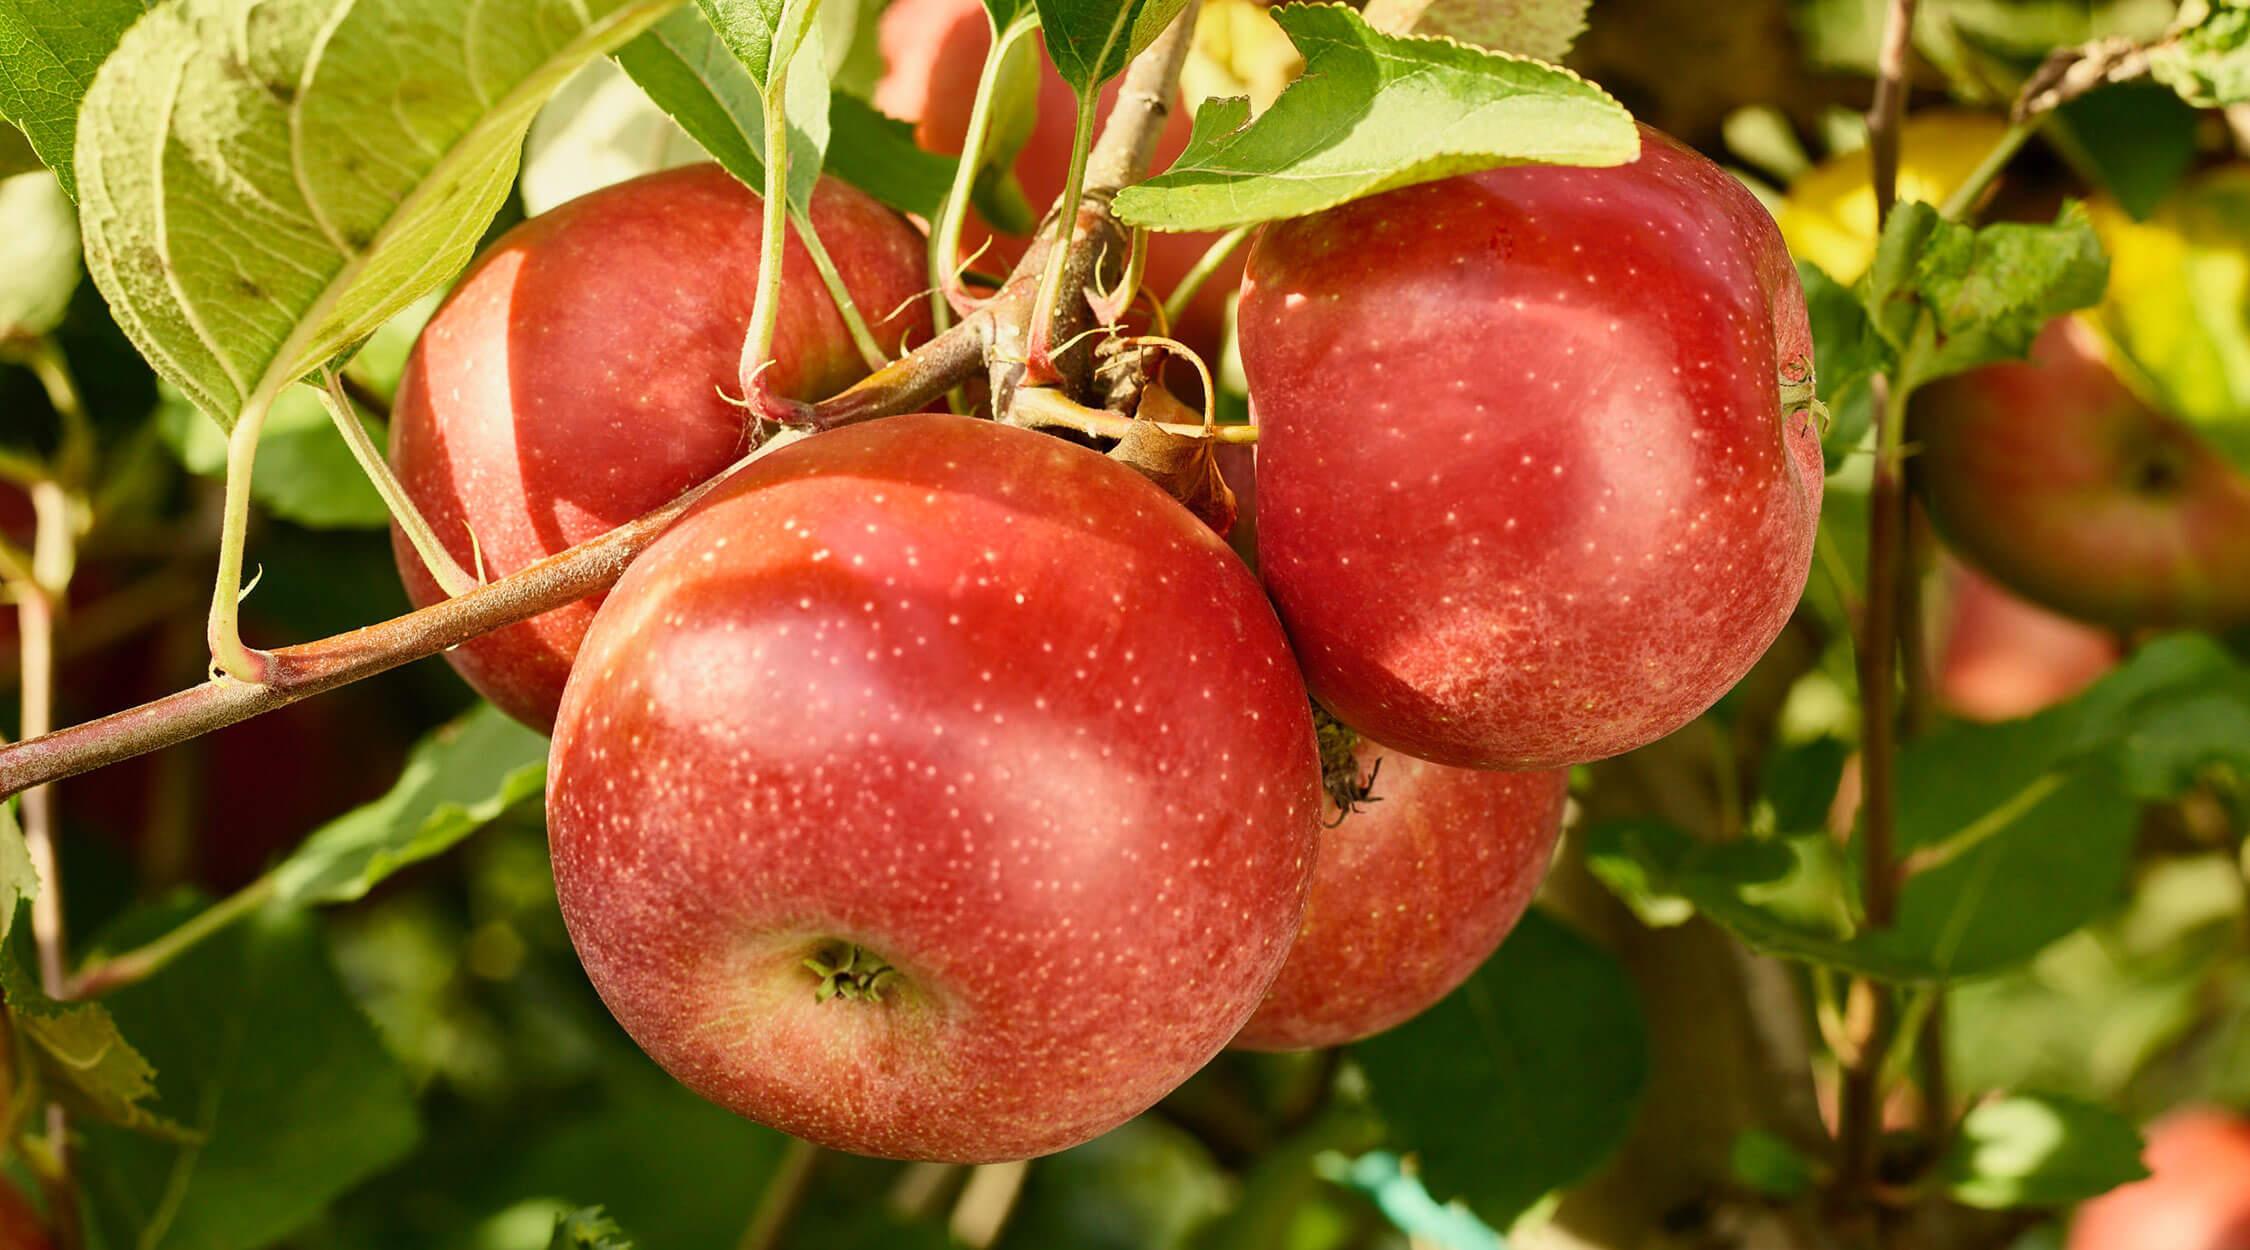 raccolta-mele-morgendurf-latrentina-ottobre-2020